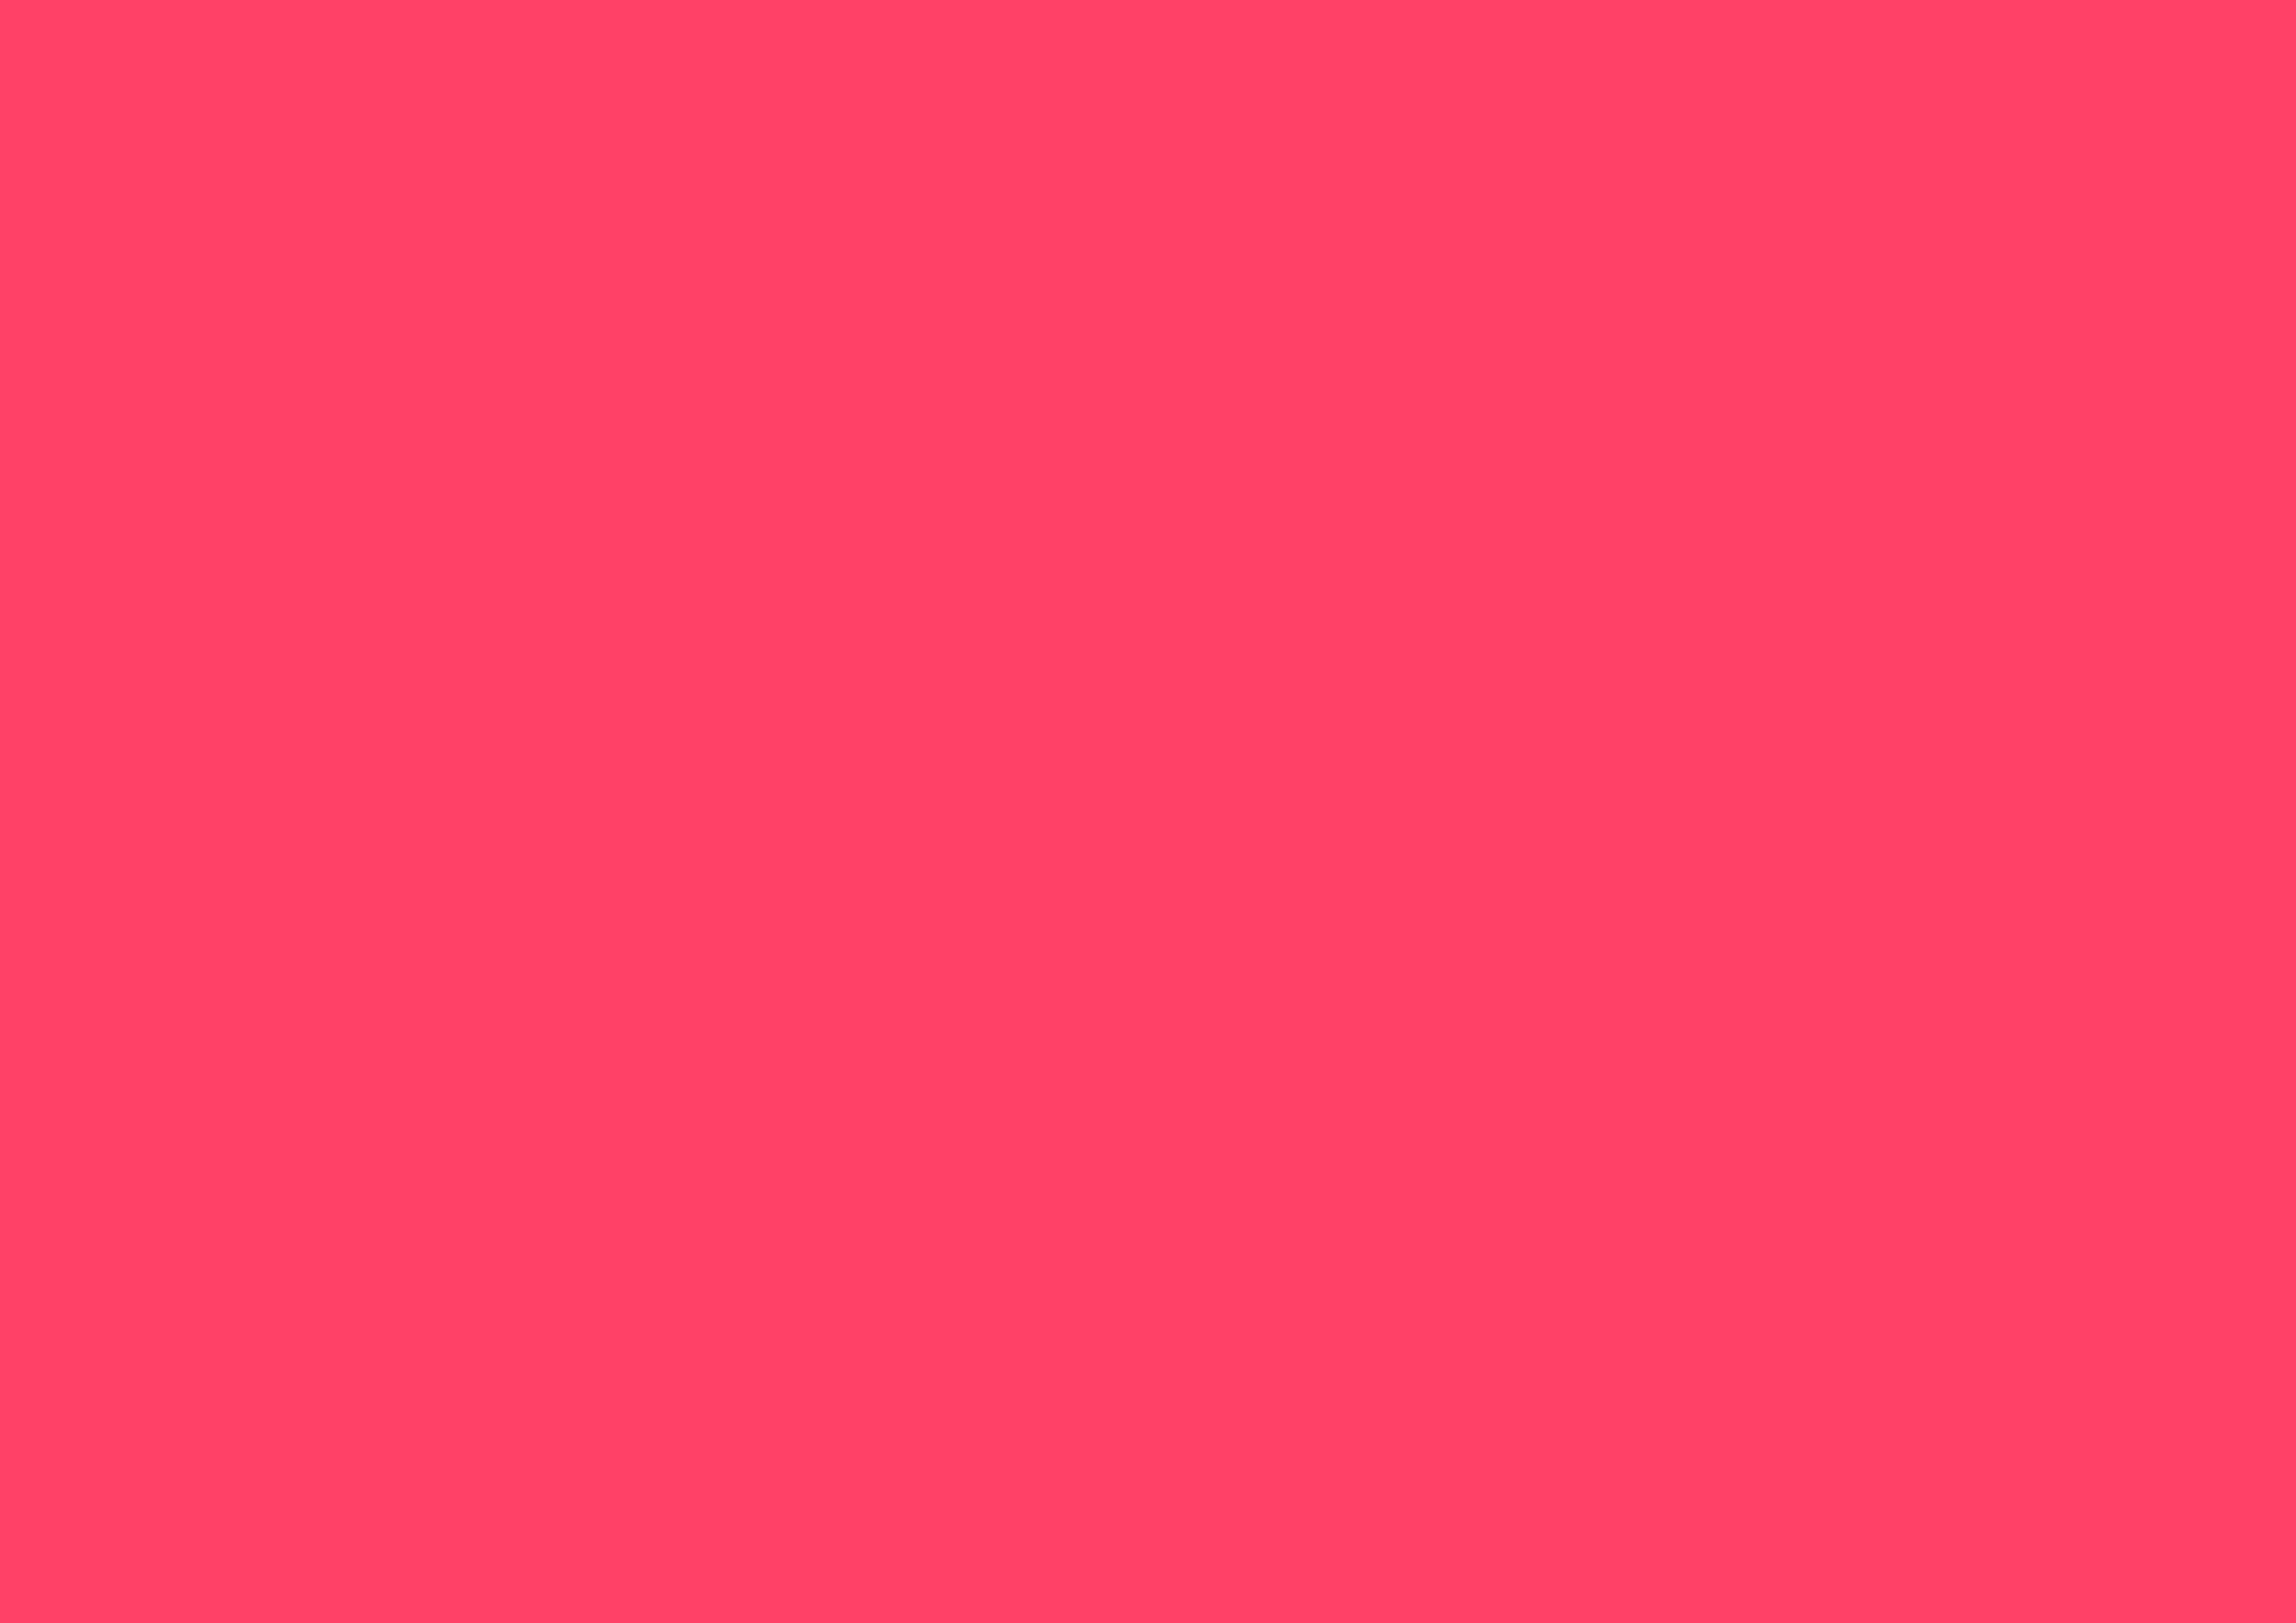 3508x2480 Neon Fuchsia Solid Color Background